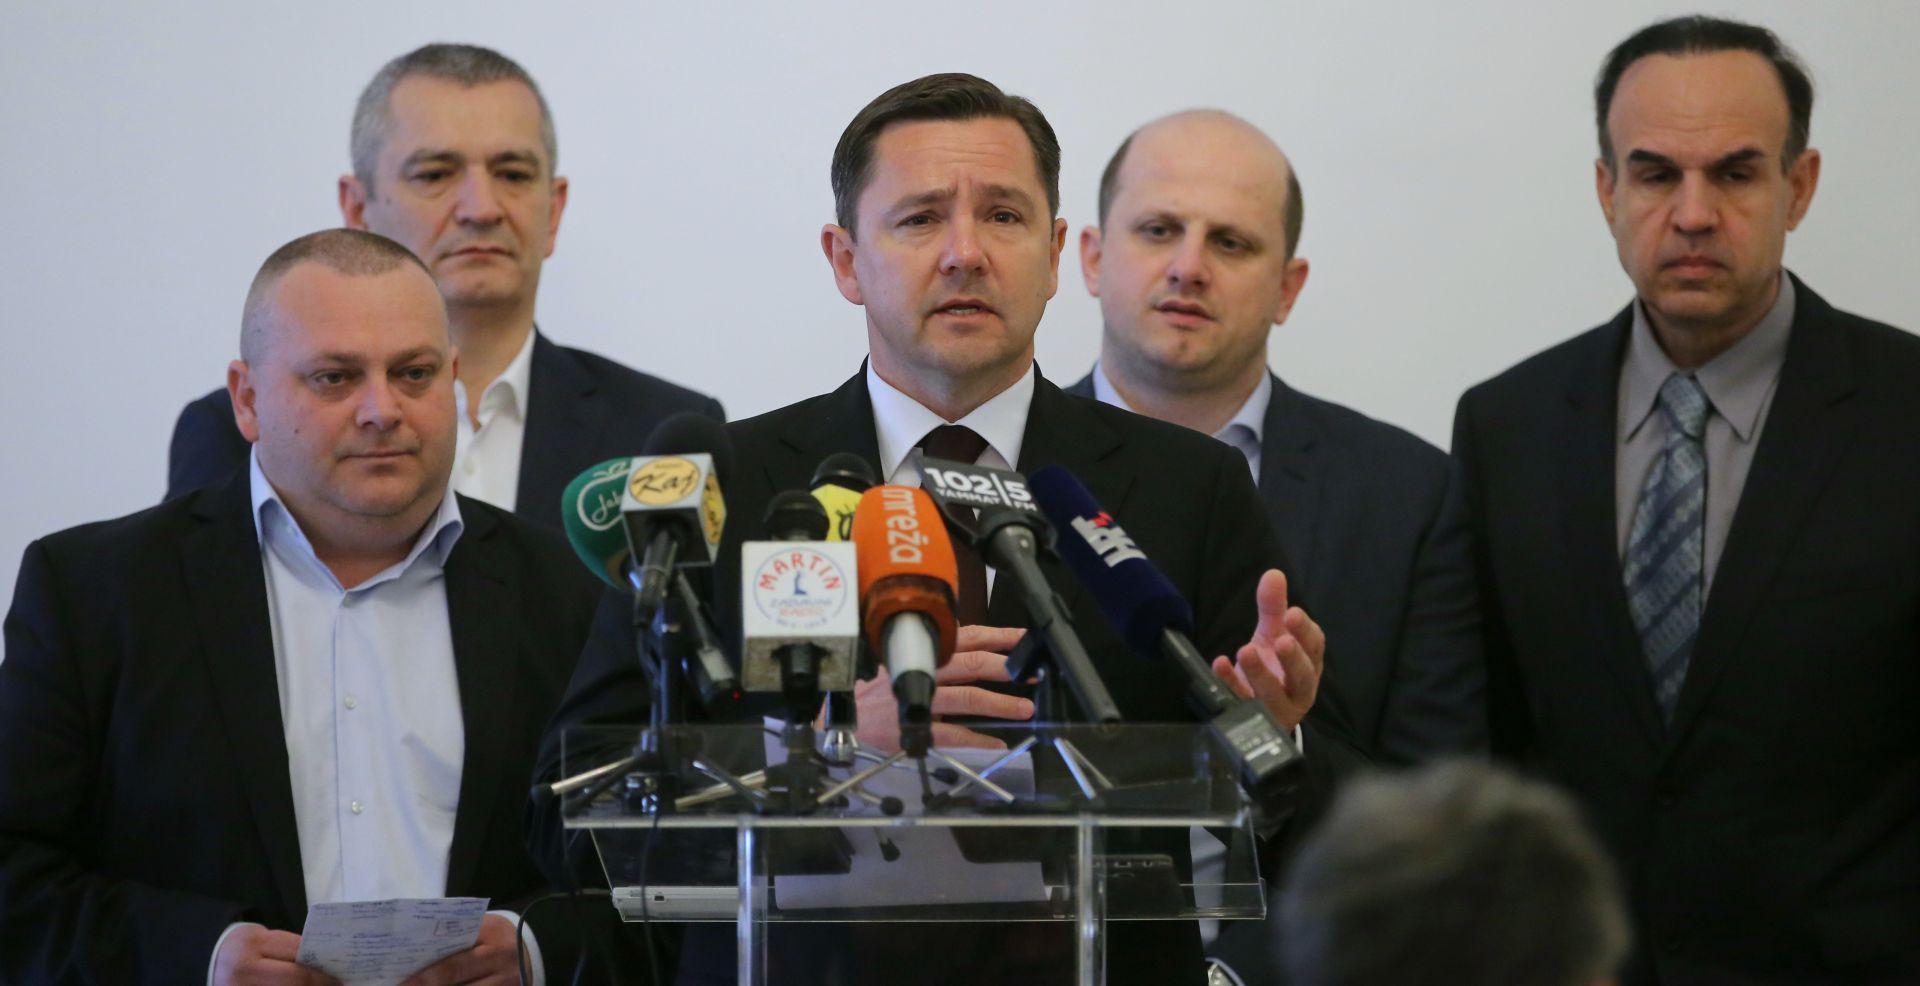 Mikulić: Ponosan sam što sam predsjednik Antikorupcijskog povjerenstva